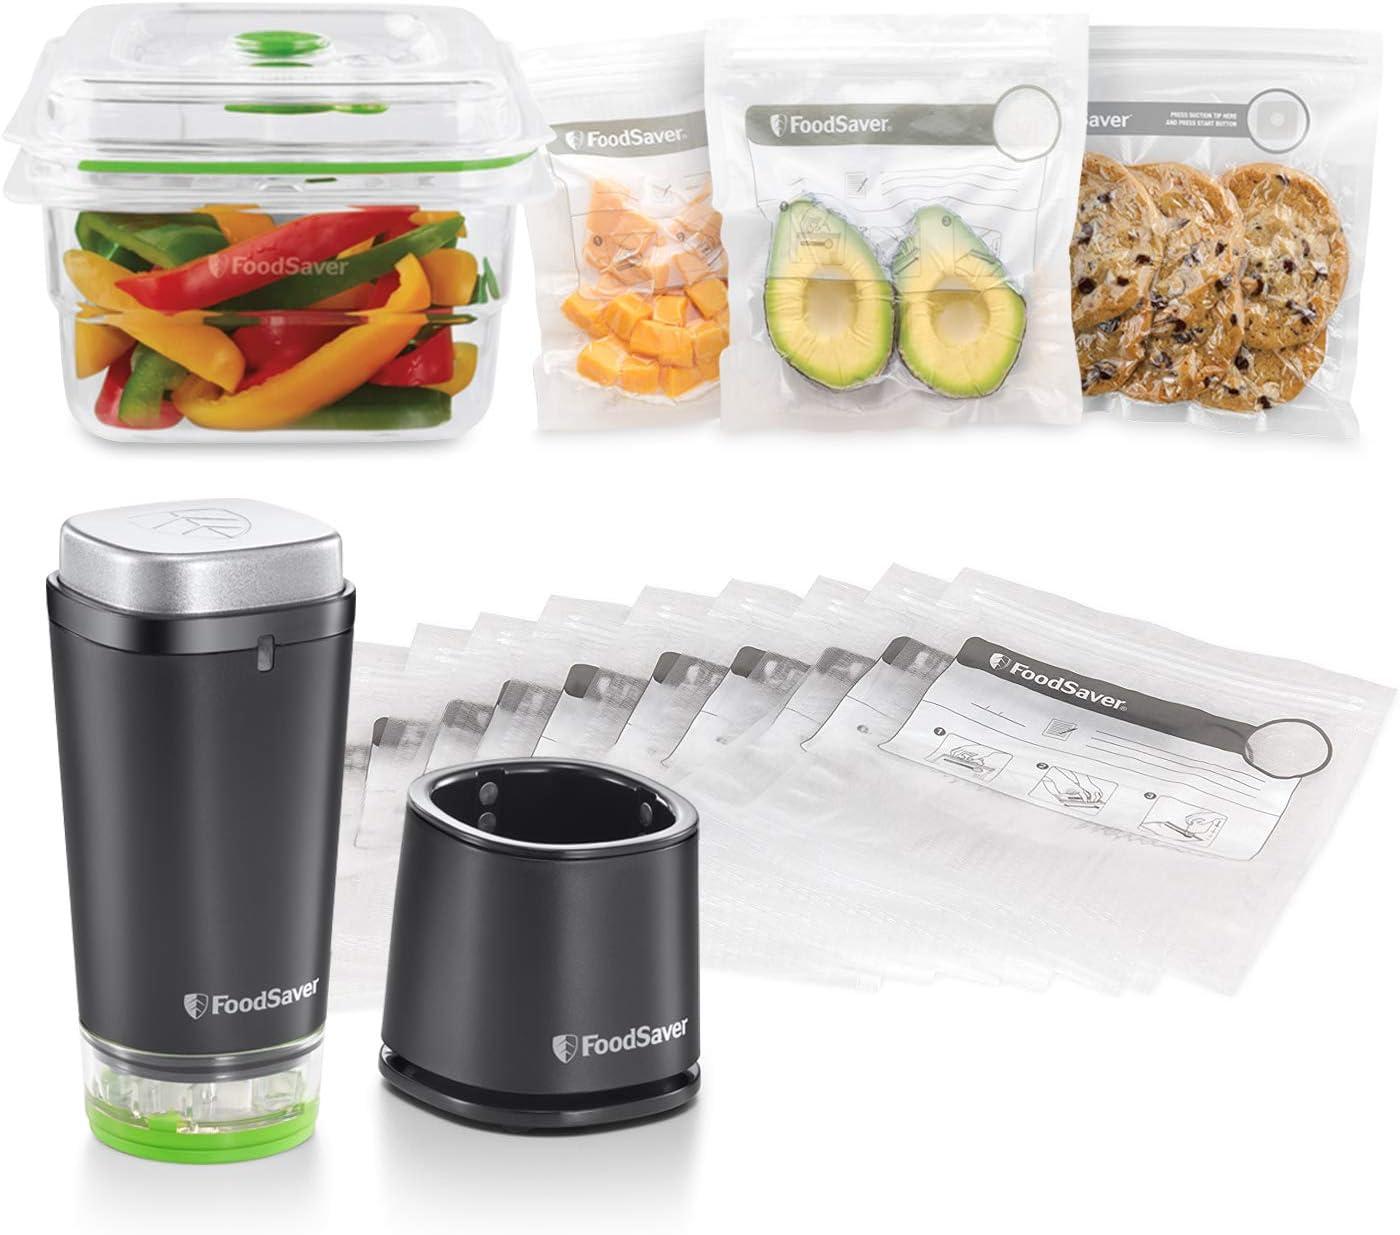 FoodSaver FVB015X Bolsas para envasador al vacío con cierre tipo zip, 0.95 litros + FoodSaver VS1192X Envasadora al vacío de alimentos inalámbrica y portátil con base de carga